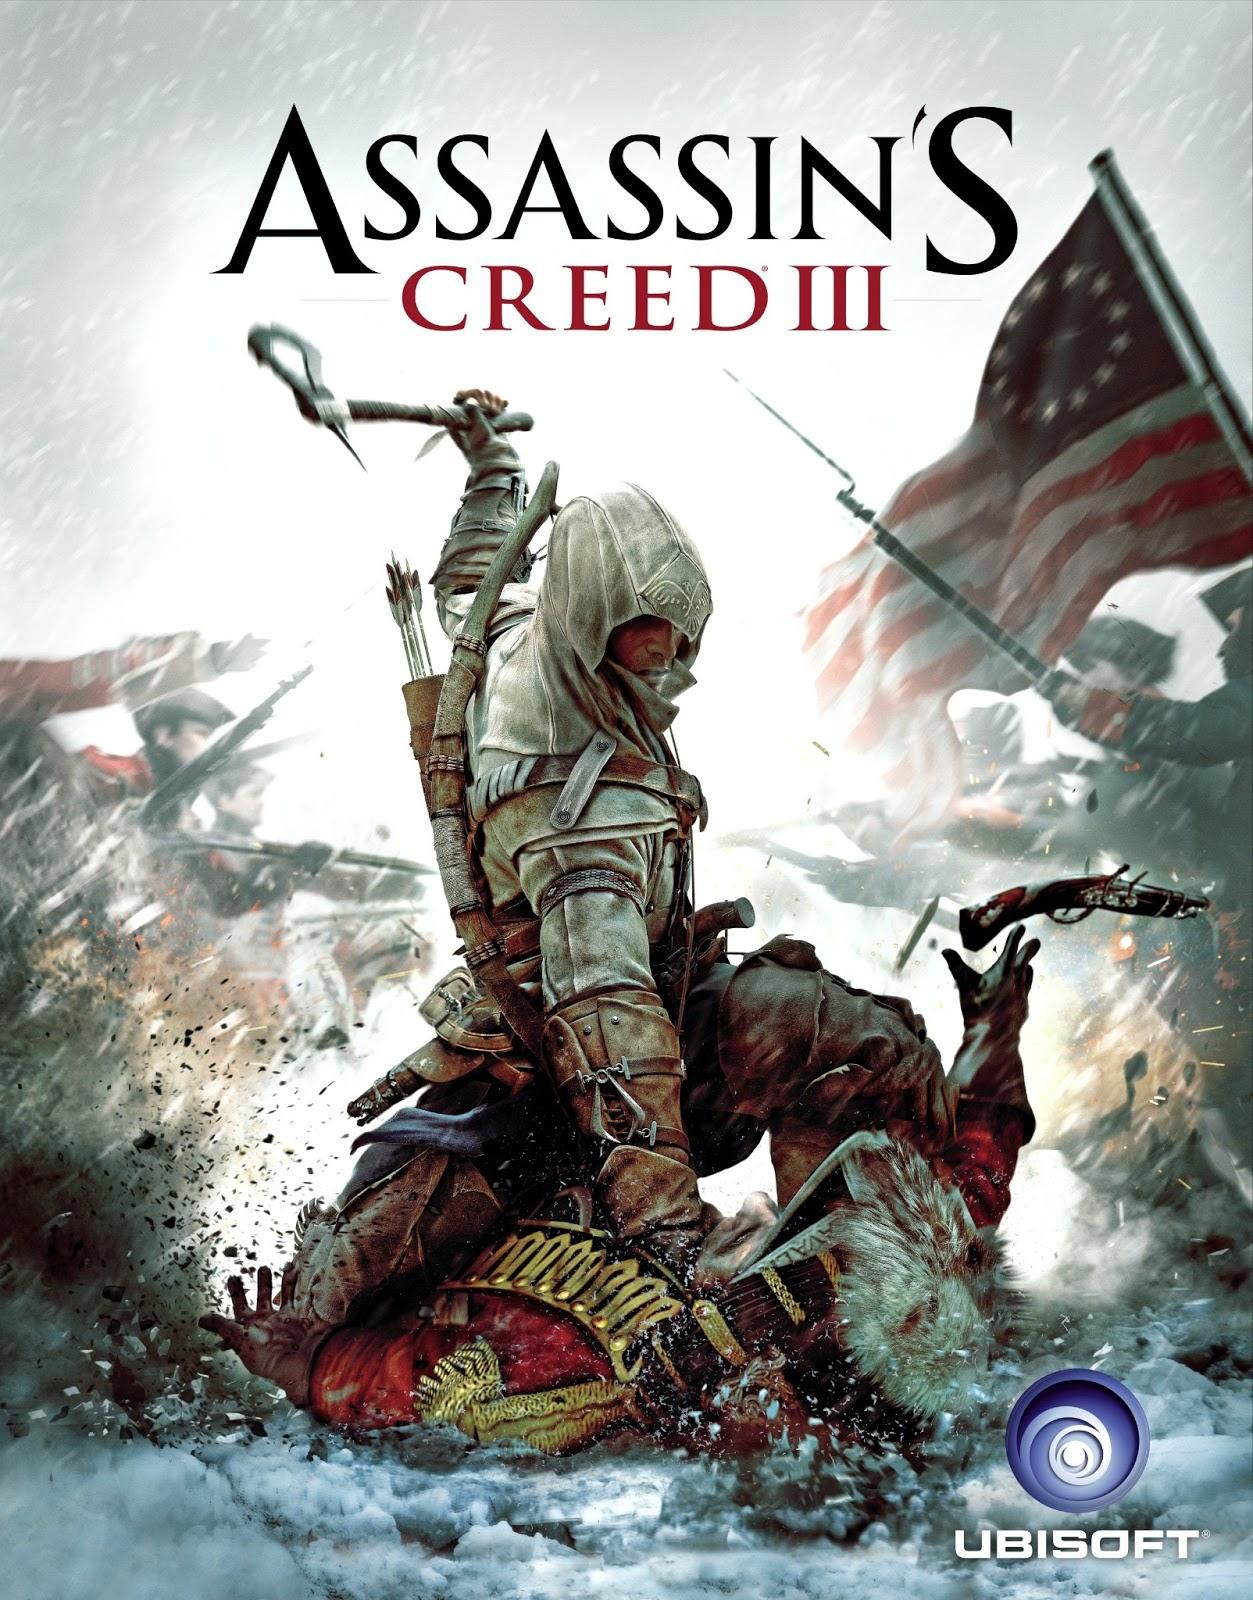 http://4.bp.blogspot.com/-1F9oMi1GONU/UQKMsD8-sbI/AAAAAAAAAV4/ssNuu-a2Ulo/s1600/Assassin%27s_Creed_III_Cover.jpg